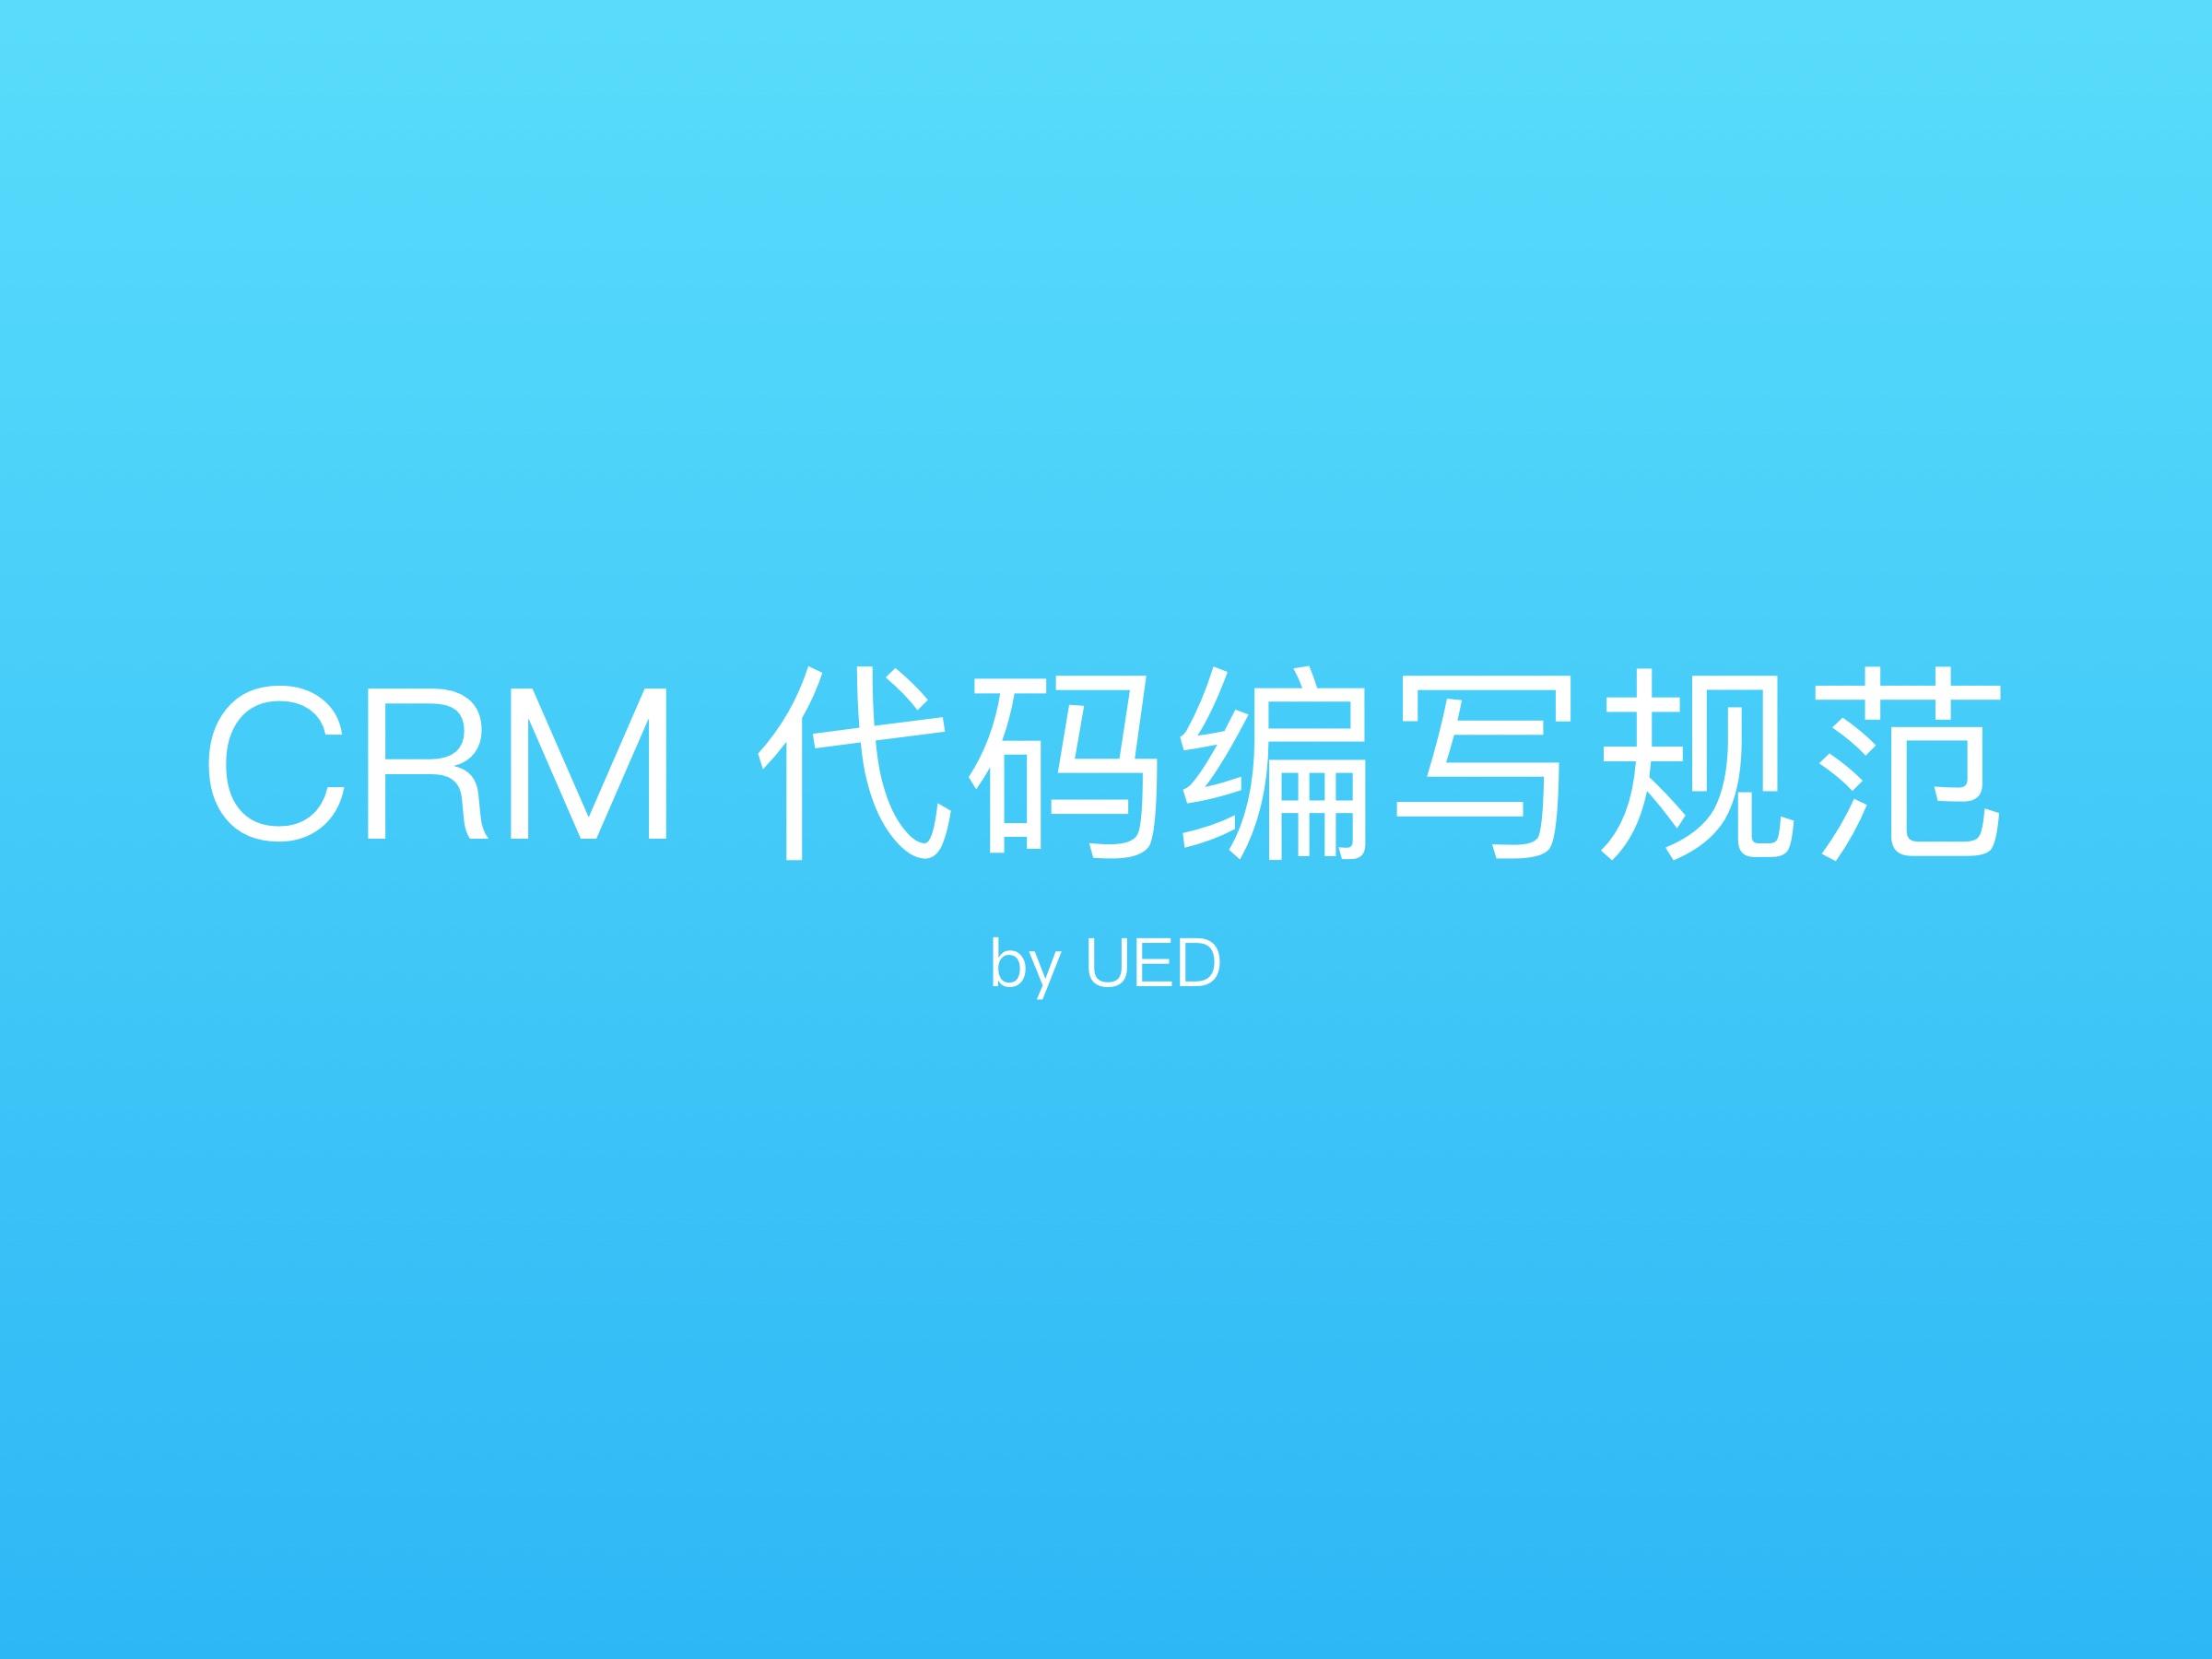 CRM Copy 2